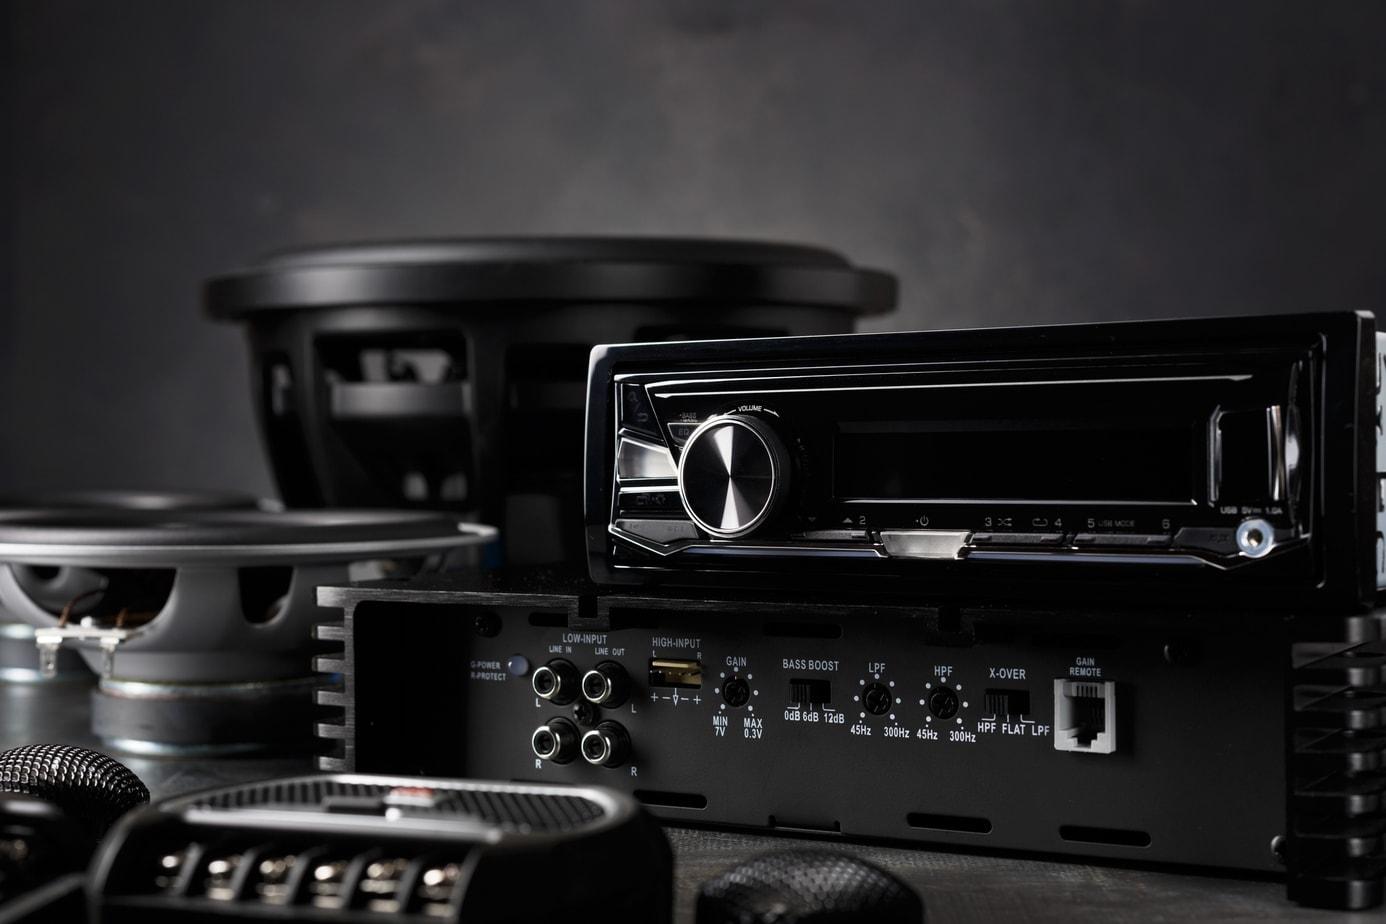 Assortment of Car Audio Components